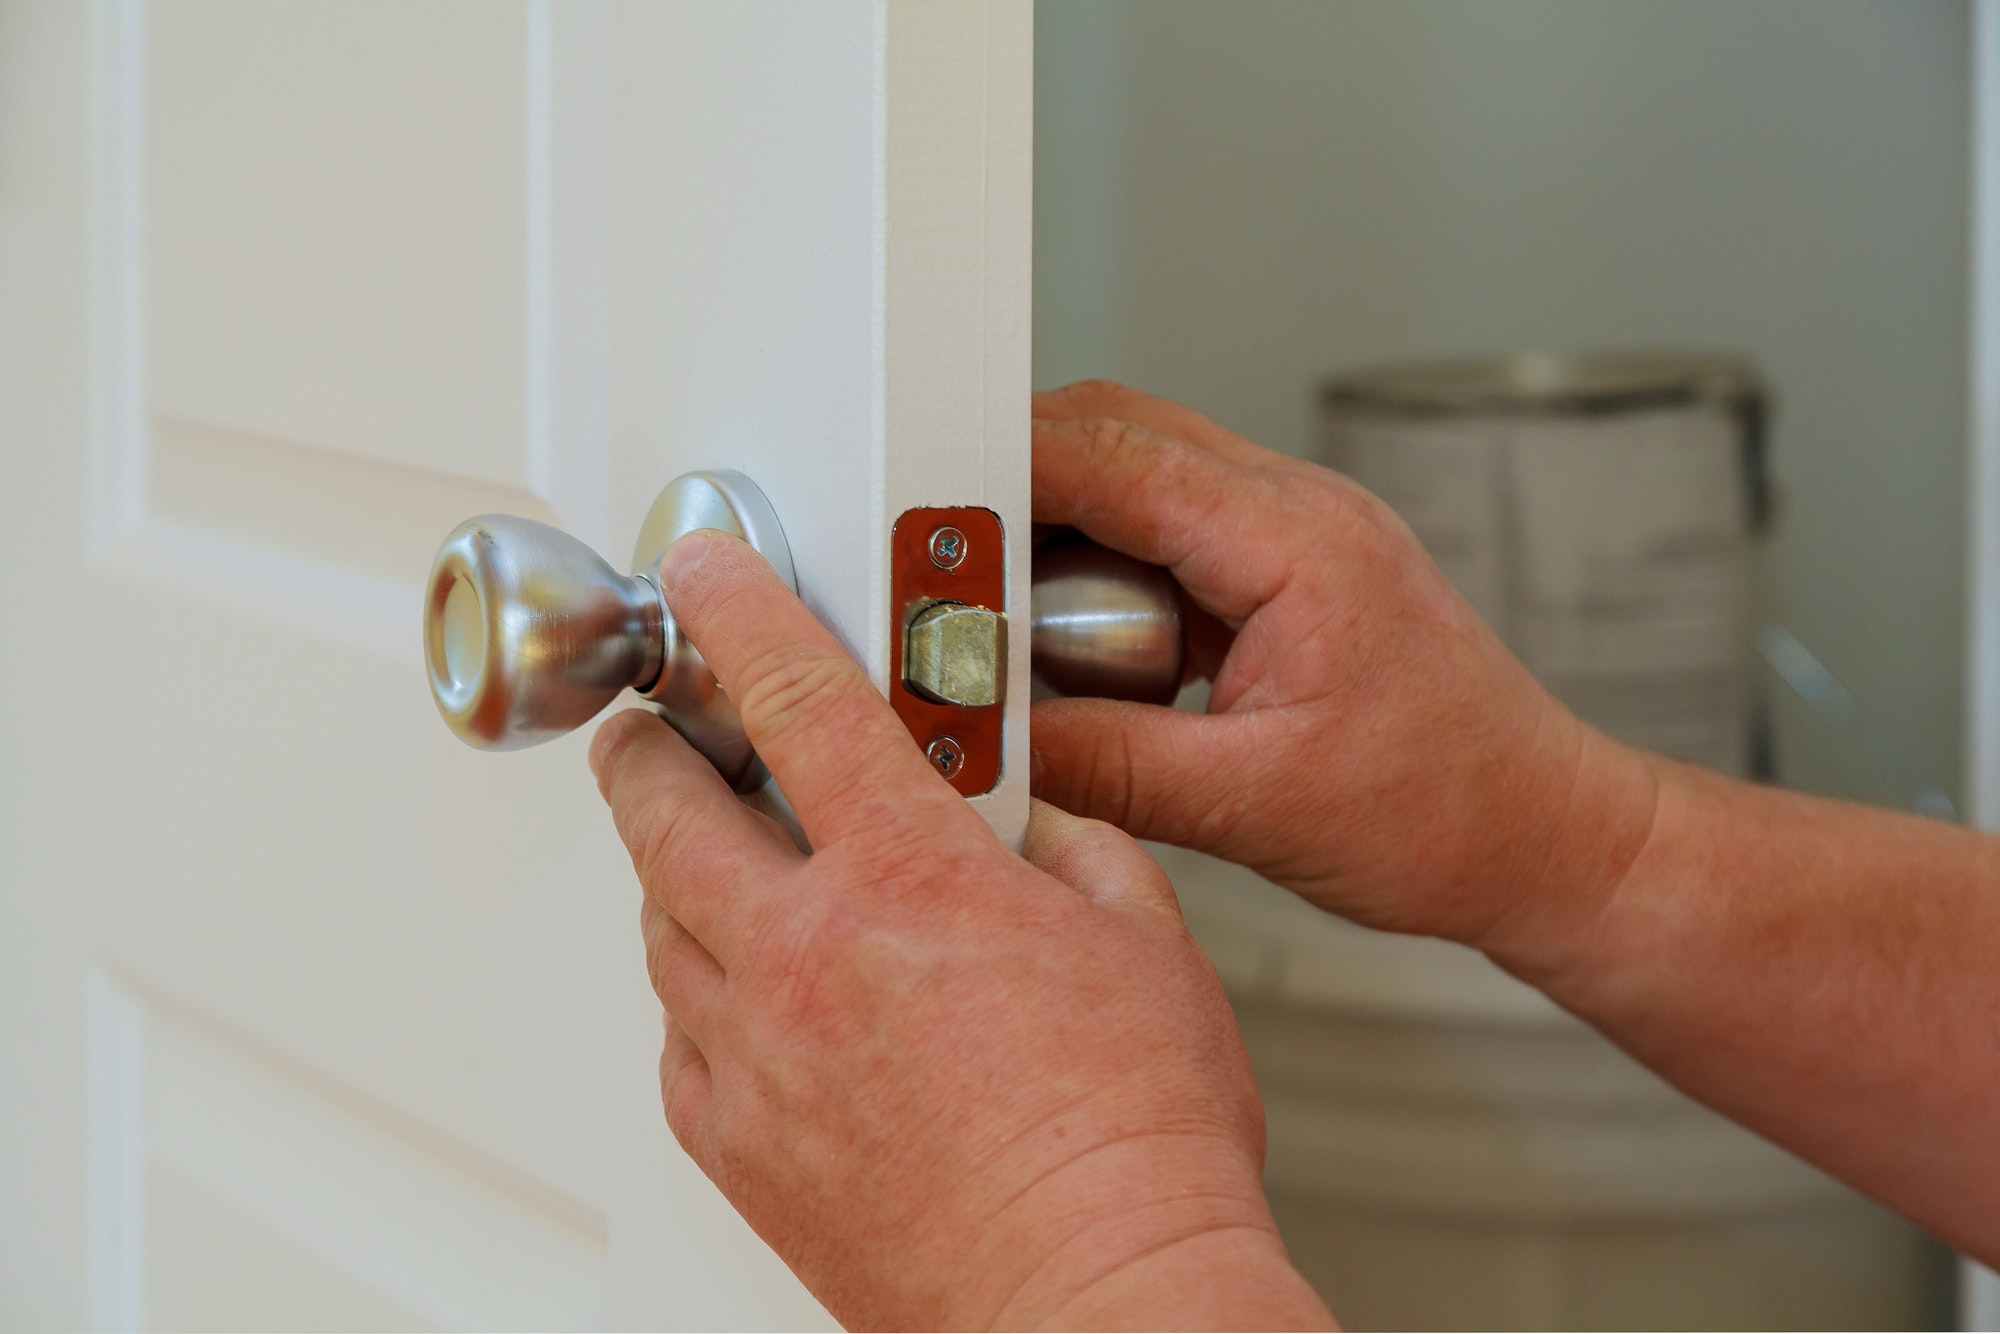 Cerrajero profesional instalando o reparando un nuevo cerrojo en la puerta de una casa